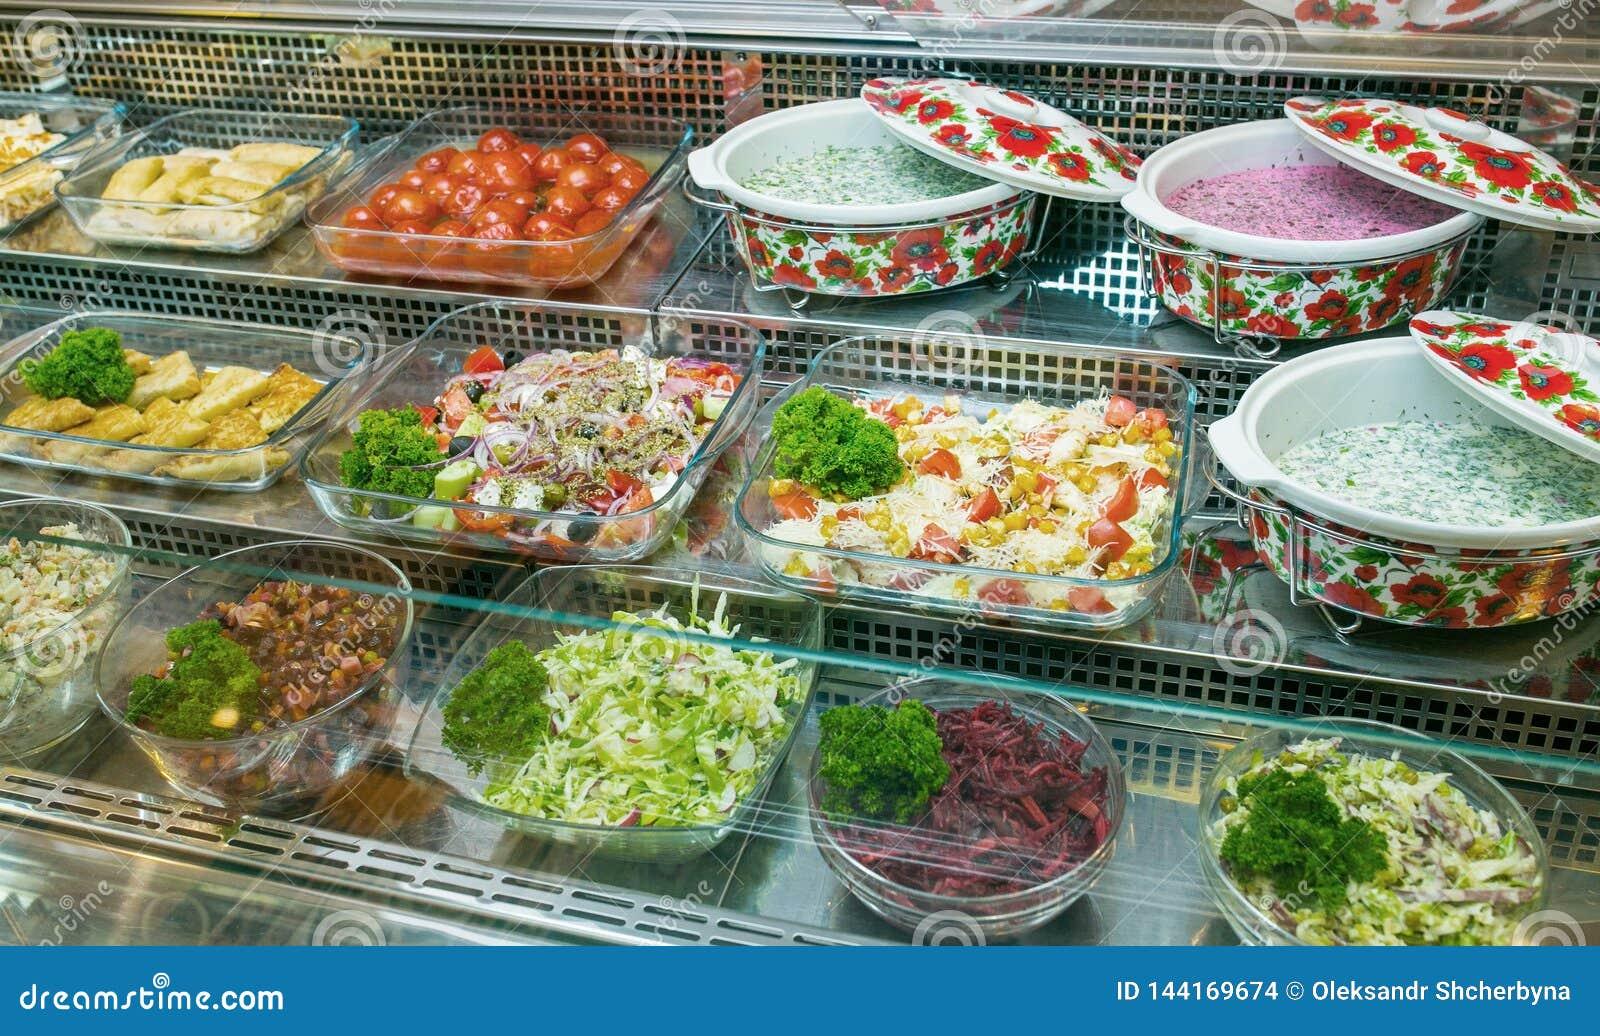 Draufsicht von frisch zubereiteten k?stlichen Mittelmeertellern sortierte im Restaurant, Buffet